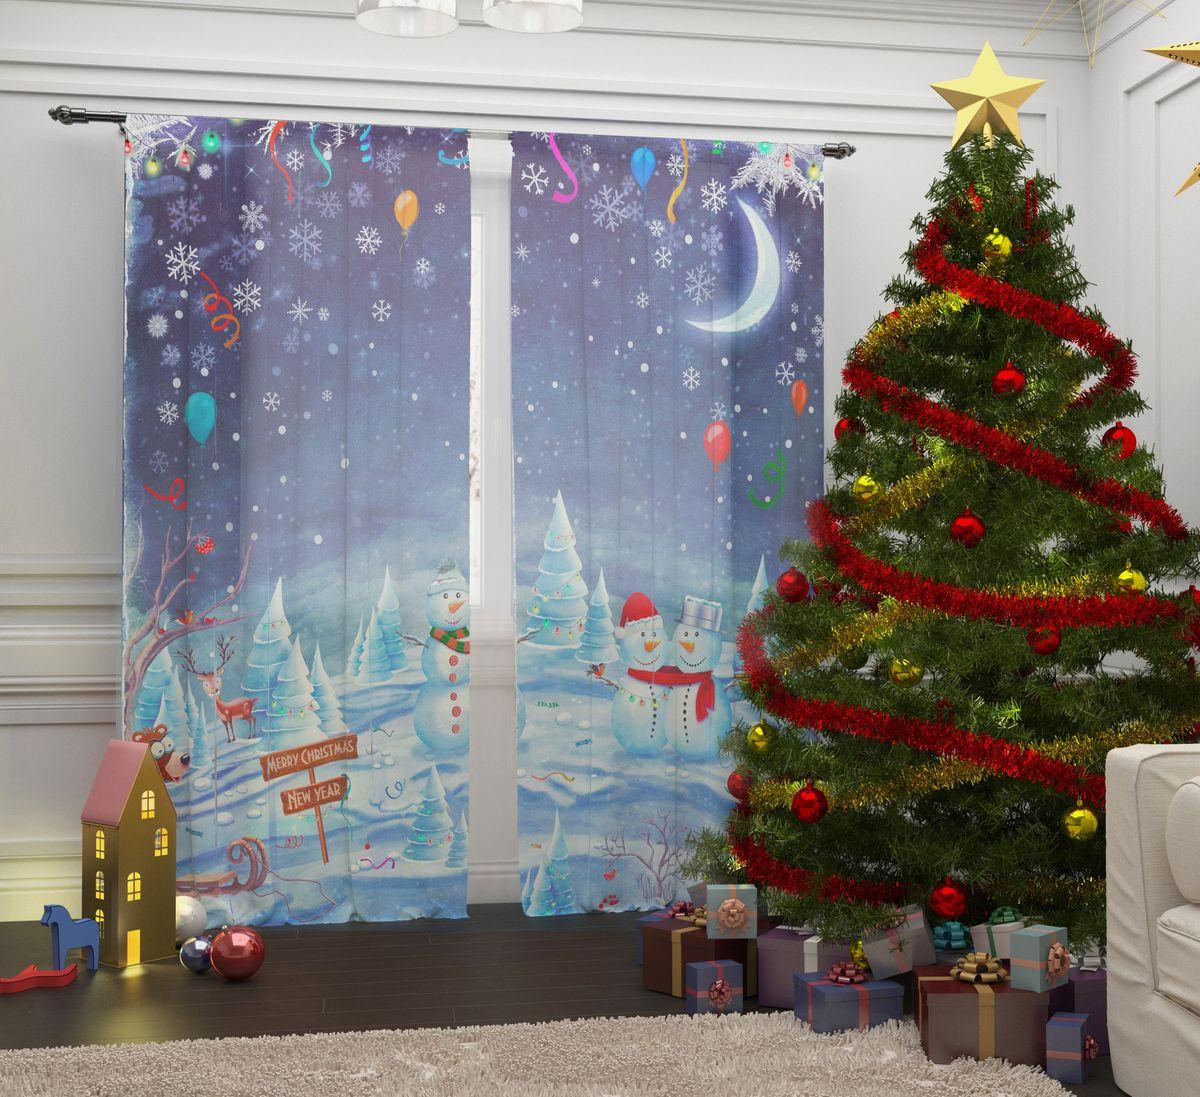 Фототюль Сирень Встреча Рождества, на ленте, высота 260 см07291-ФТ-ВЛ-001Фототюль Сирень, выполнена из материала вуаль - легкая, парящая ткань. Перед новогодними праздниками каждая хозяйка или хозяин хотят украсить свой дом.Фототюль Сирень украсит ваше окно отличным рисунком с новогодней тематикой. Новогодняя фототюль станет отличным подарком на Новый год. Подарите радость праздника себе и вашим близким людям! Крепление на карниз при помощи шторной ленты на крючки.В комплекте: 2 тюля (145 х 260 см). Рекомендации по уходу: стирка при 30 градусах гладить при температуре до 150 градусов. Изображение на мониторе может немного отличаться от реального.